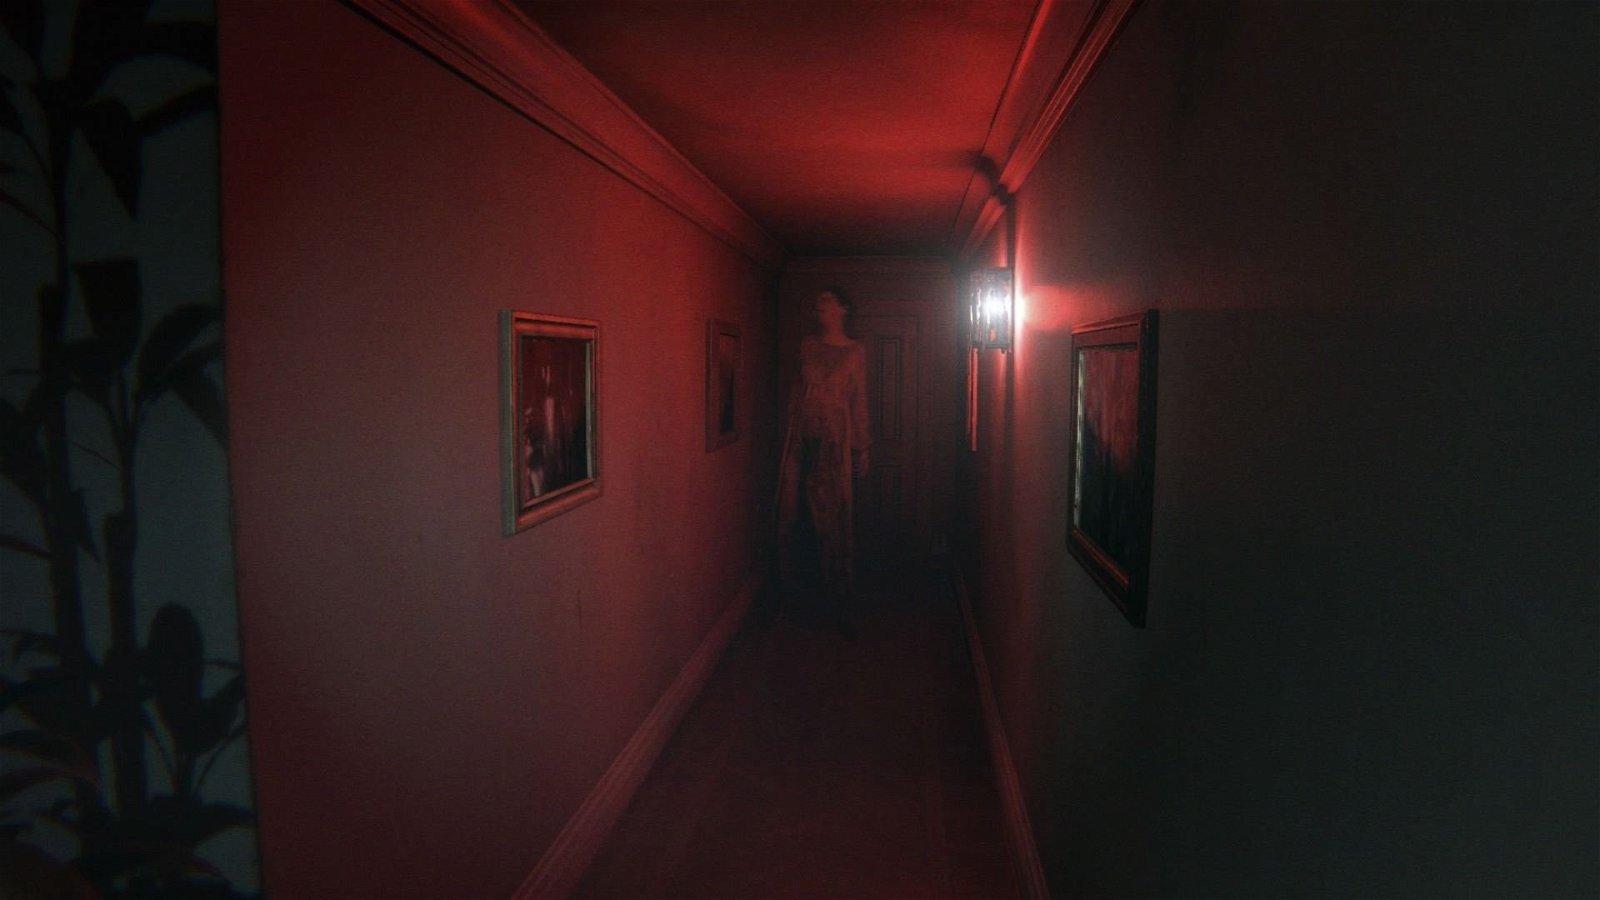 Videojuegos de terror que no necesitan asustar para dar miedo